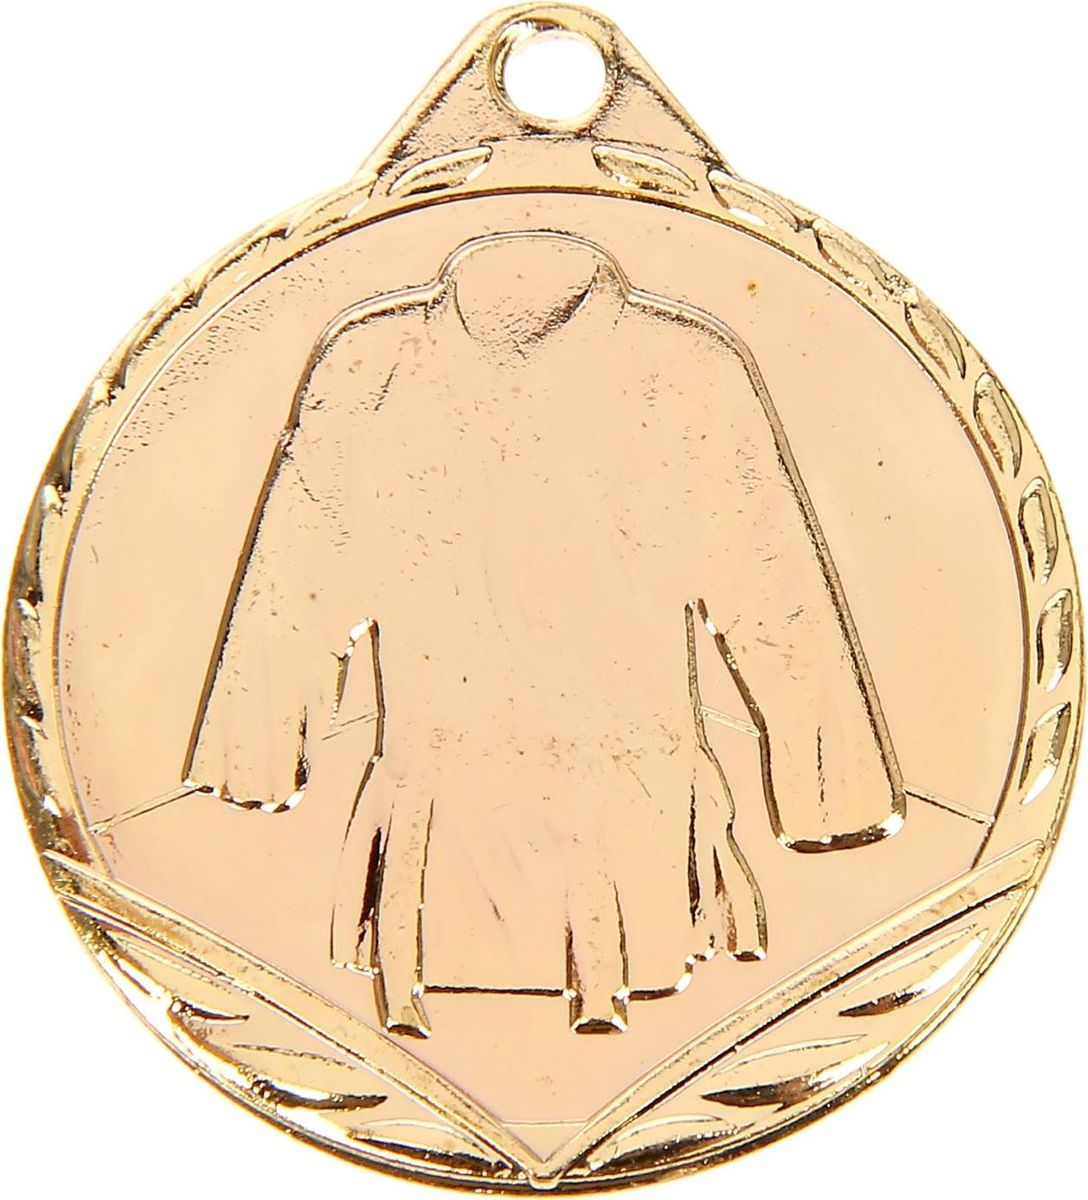 Медаль сувенирная Дзюдо, цвет: золотистый, диаметр 3,2 см. 0661510641Медаль - знак отличия, которым награждают самых достойных. Она вручается лишь тем, кто проявил настойчивость и волю к победе. Каждоедостижение - это важное событие, которое должно остаться в памяти на долгие годы.Медаль тематическая Дзюдо изготовлена из металла.